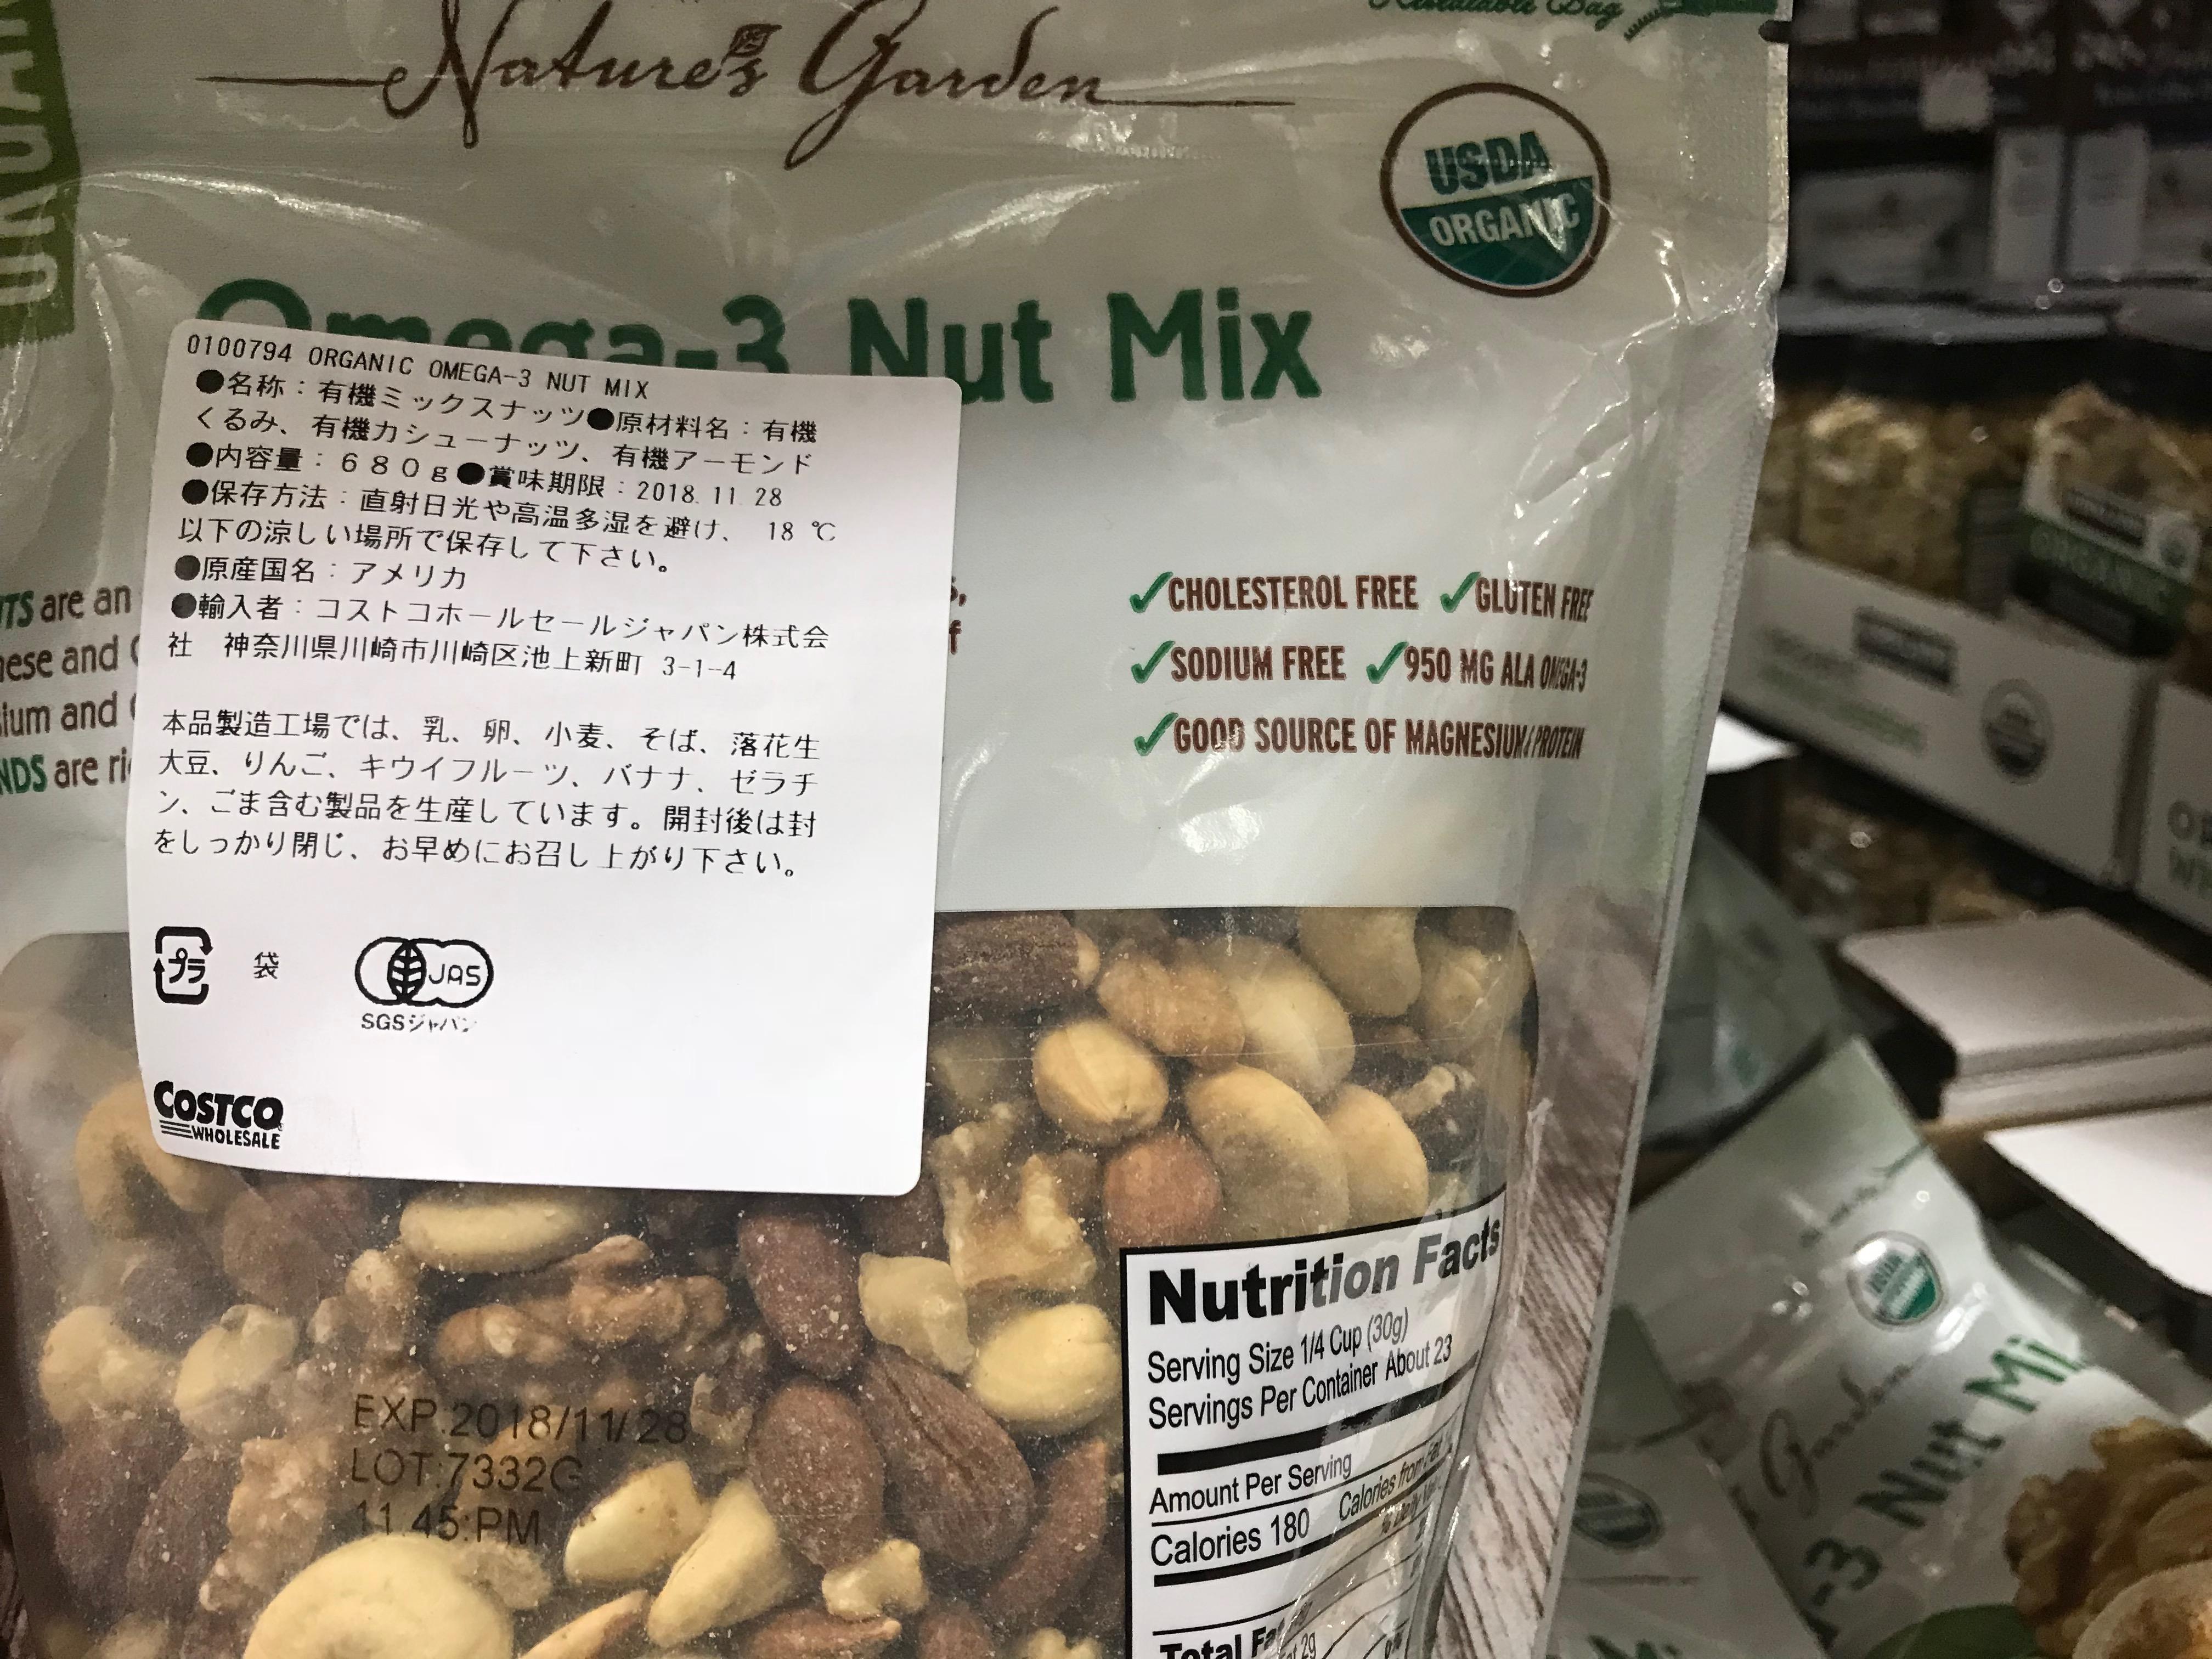 コストコ 有機オメガ3ミックスナッツ 栄養素